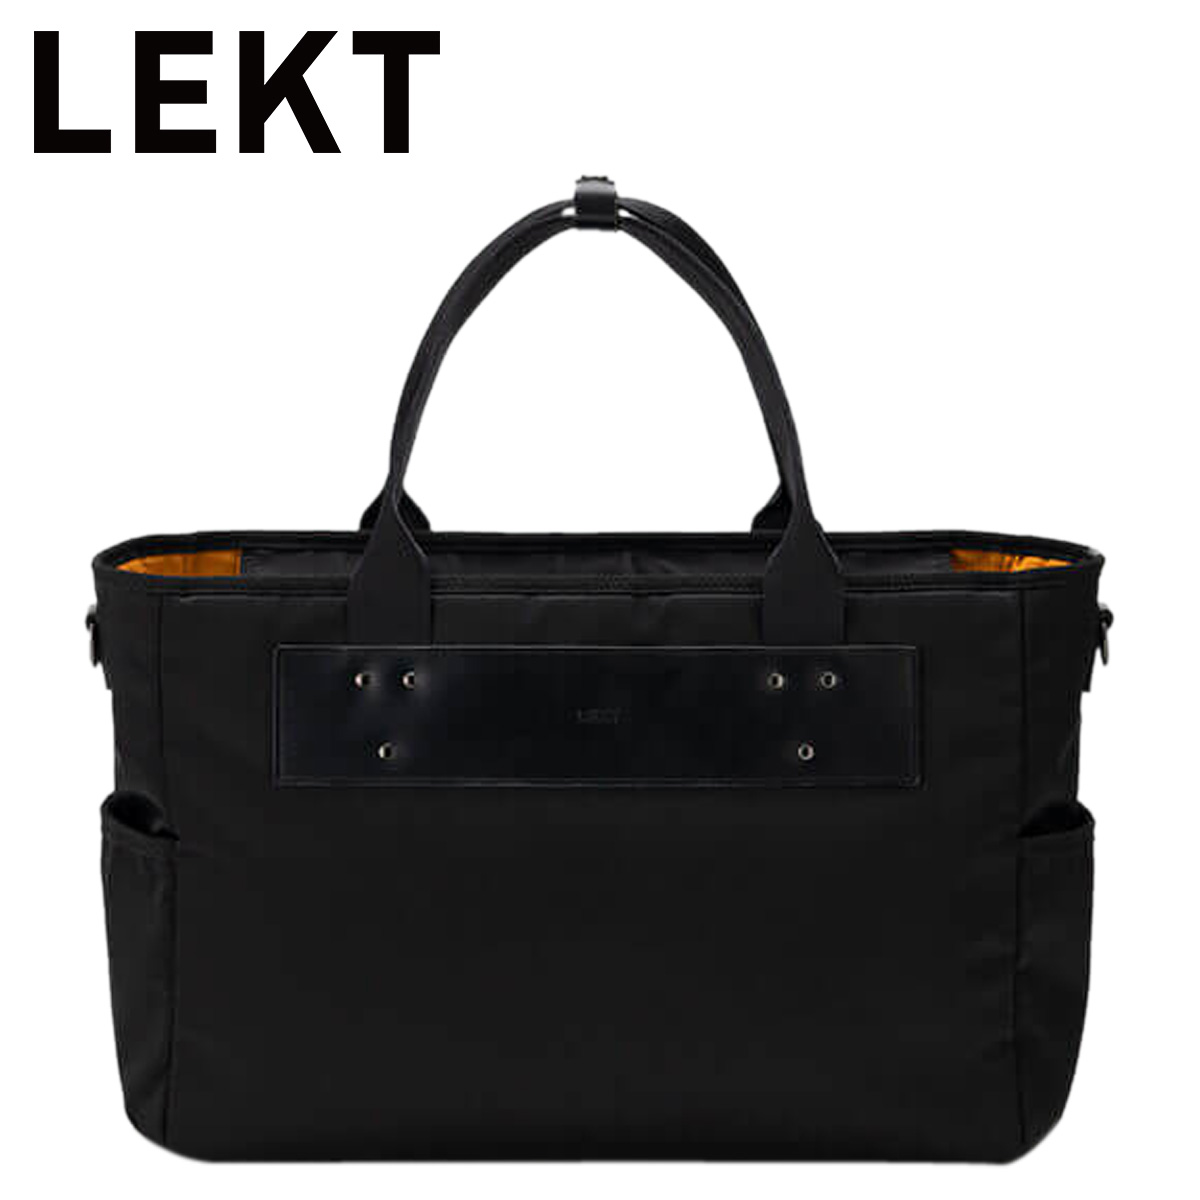 LEKT LEKT-0002 レクト トート カバン ビジネスバッグ ショルダー メンズ 2way ブラック 黒